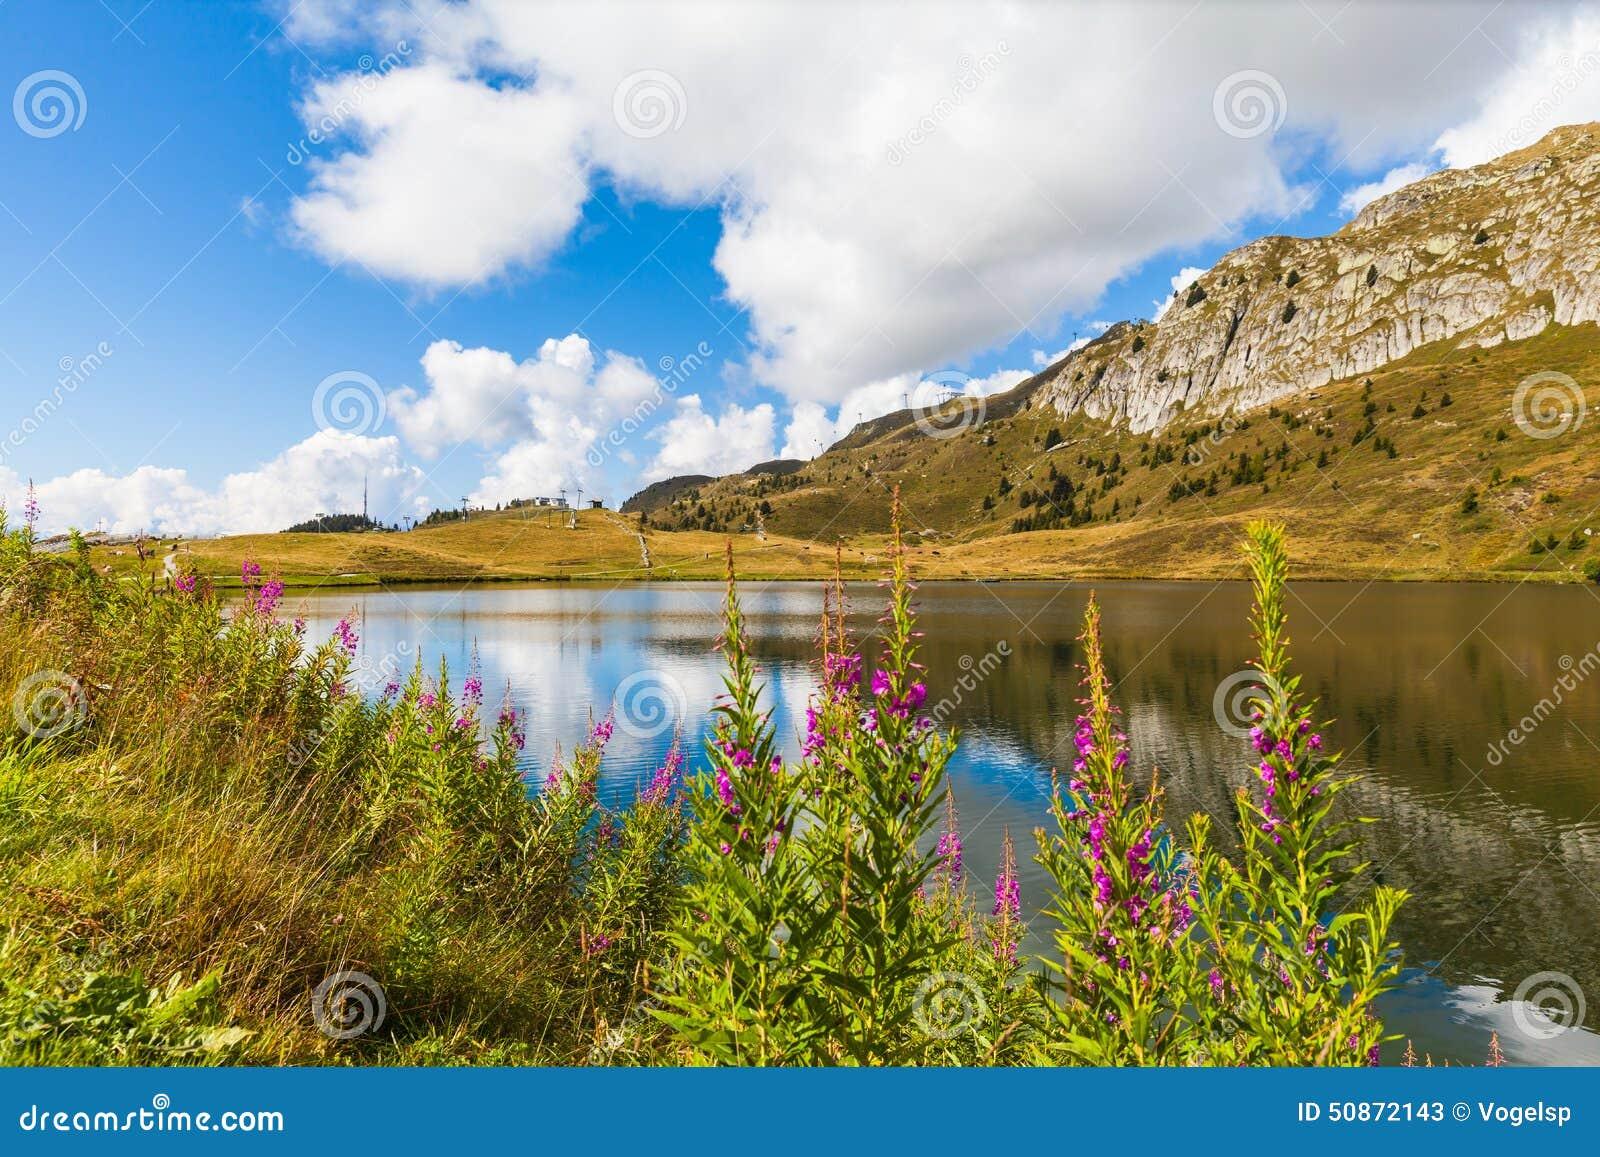 Bettmersee (Lake) in Valais